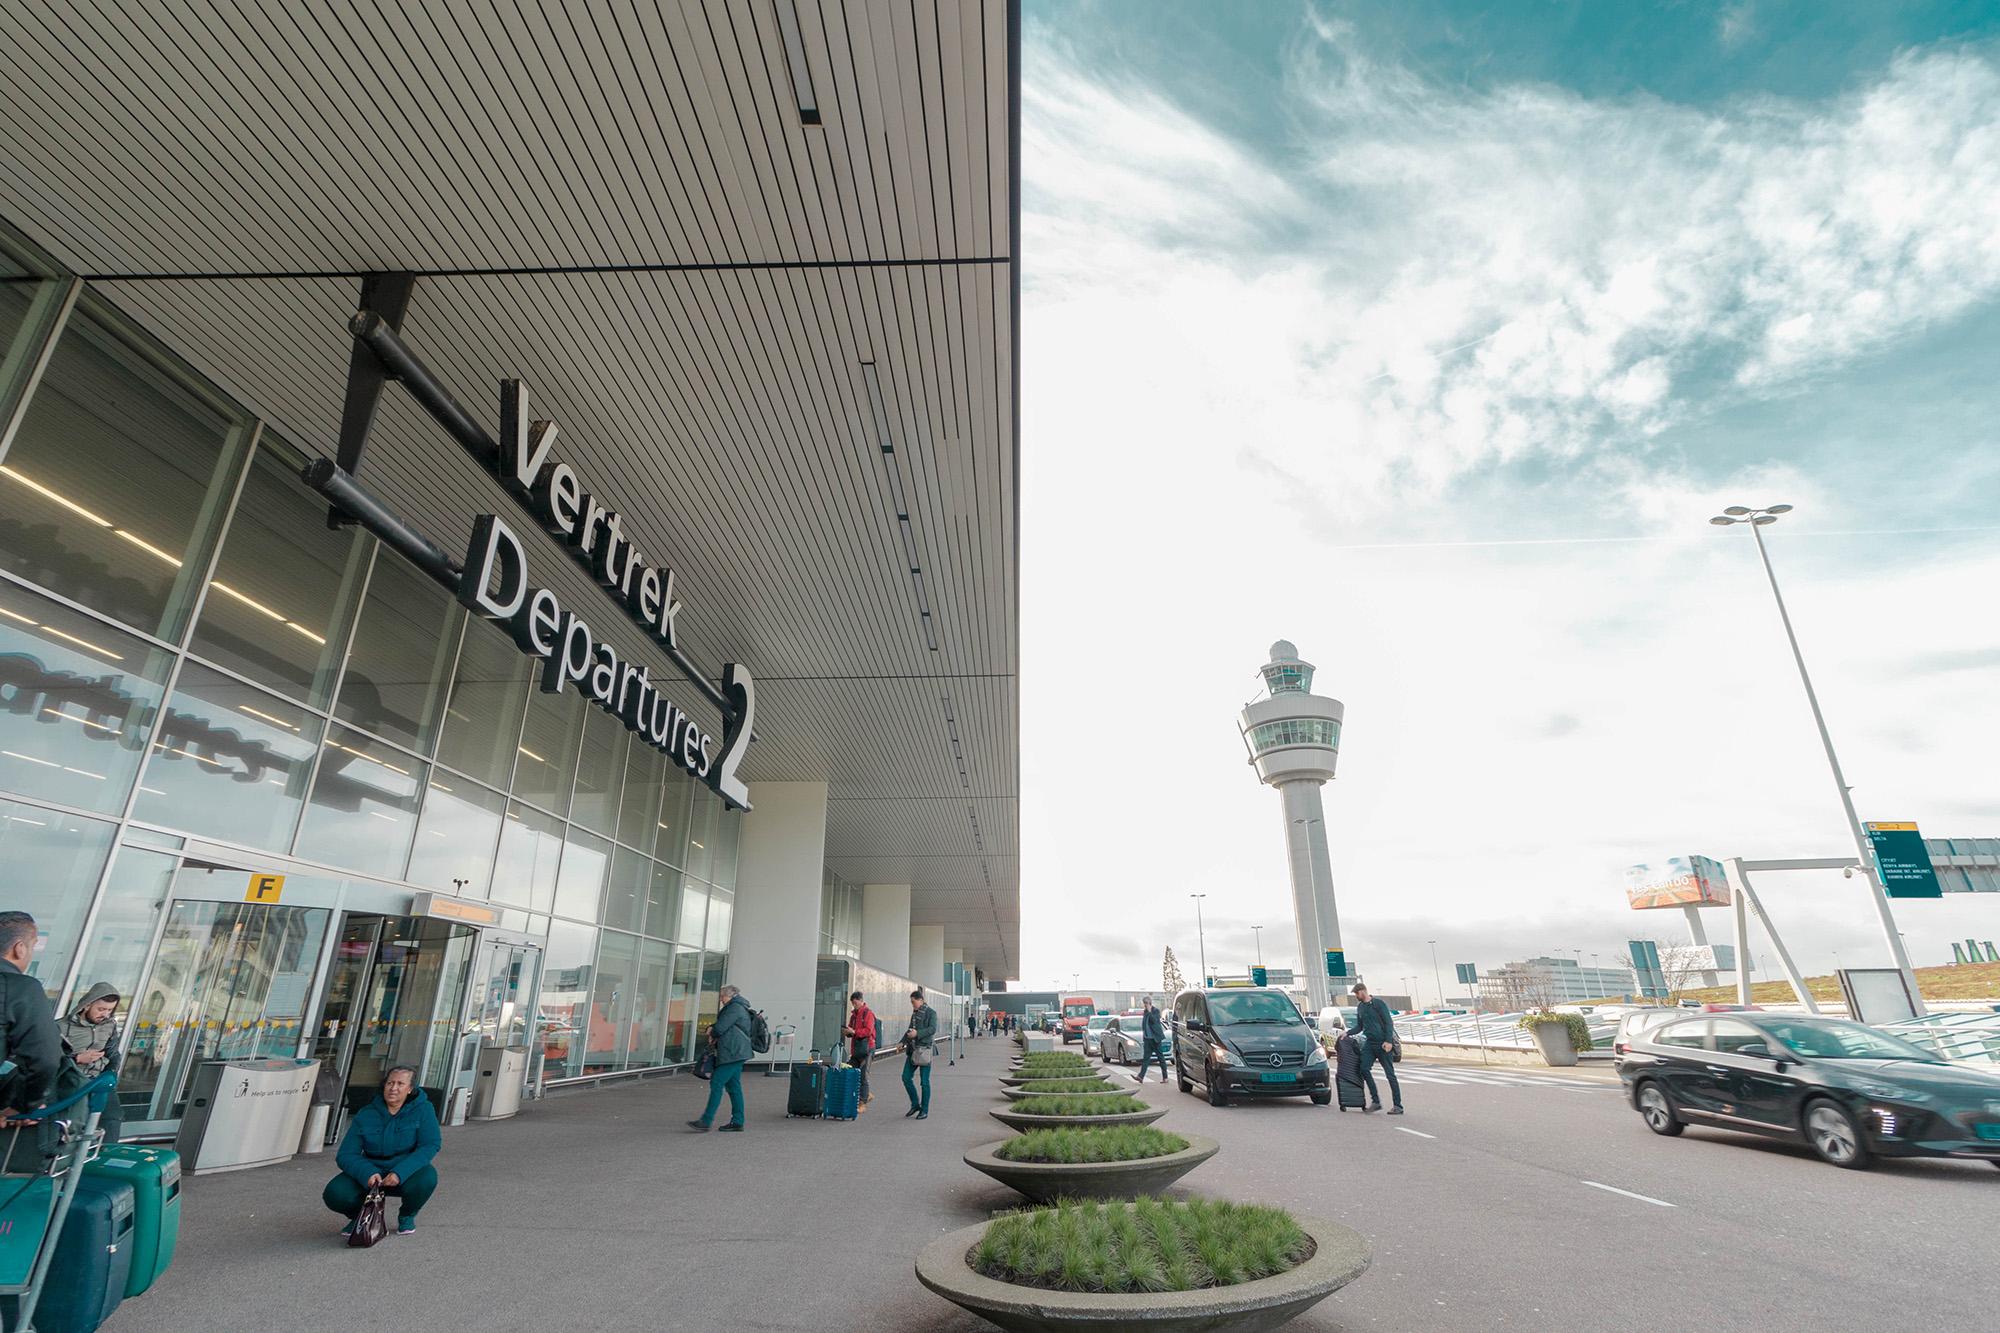 AMS Terminal 2 (Ben Koorengevel)